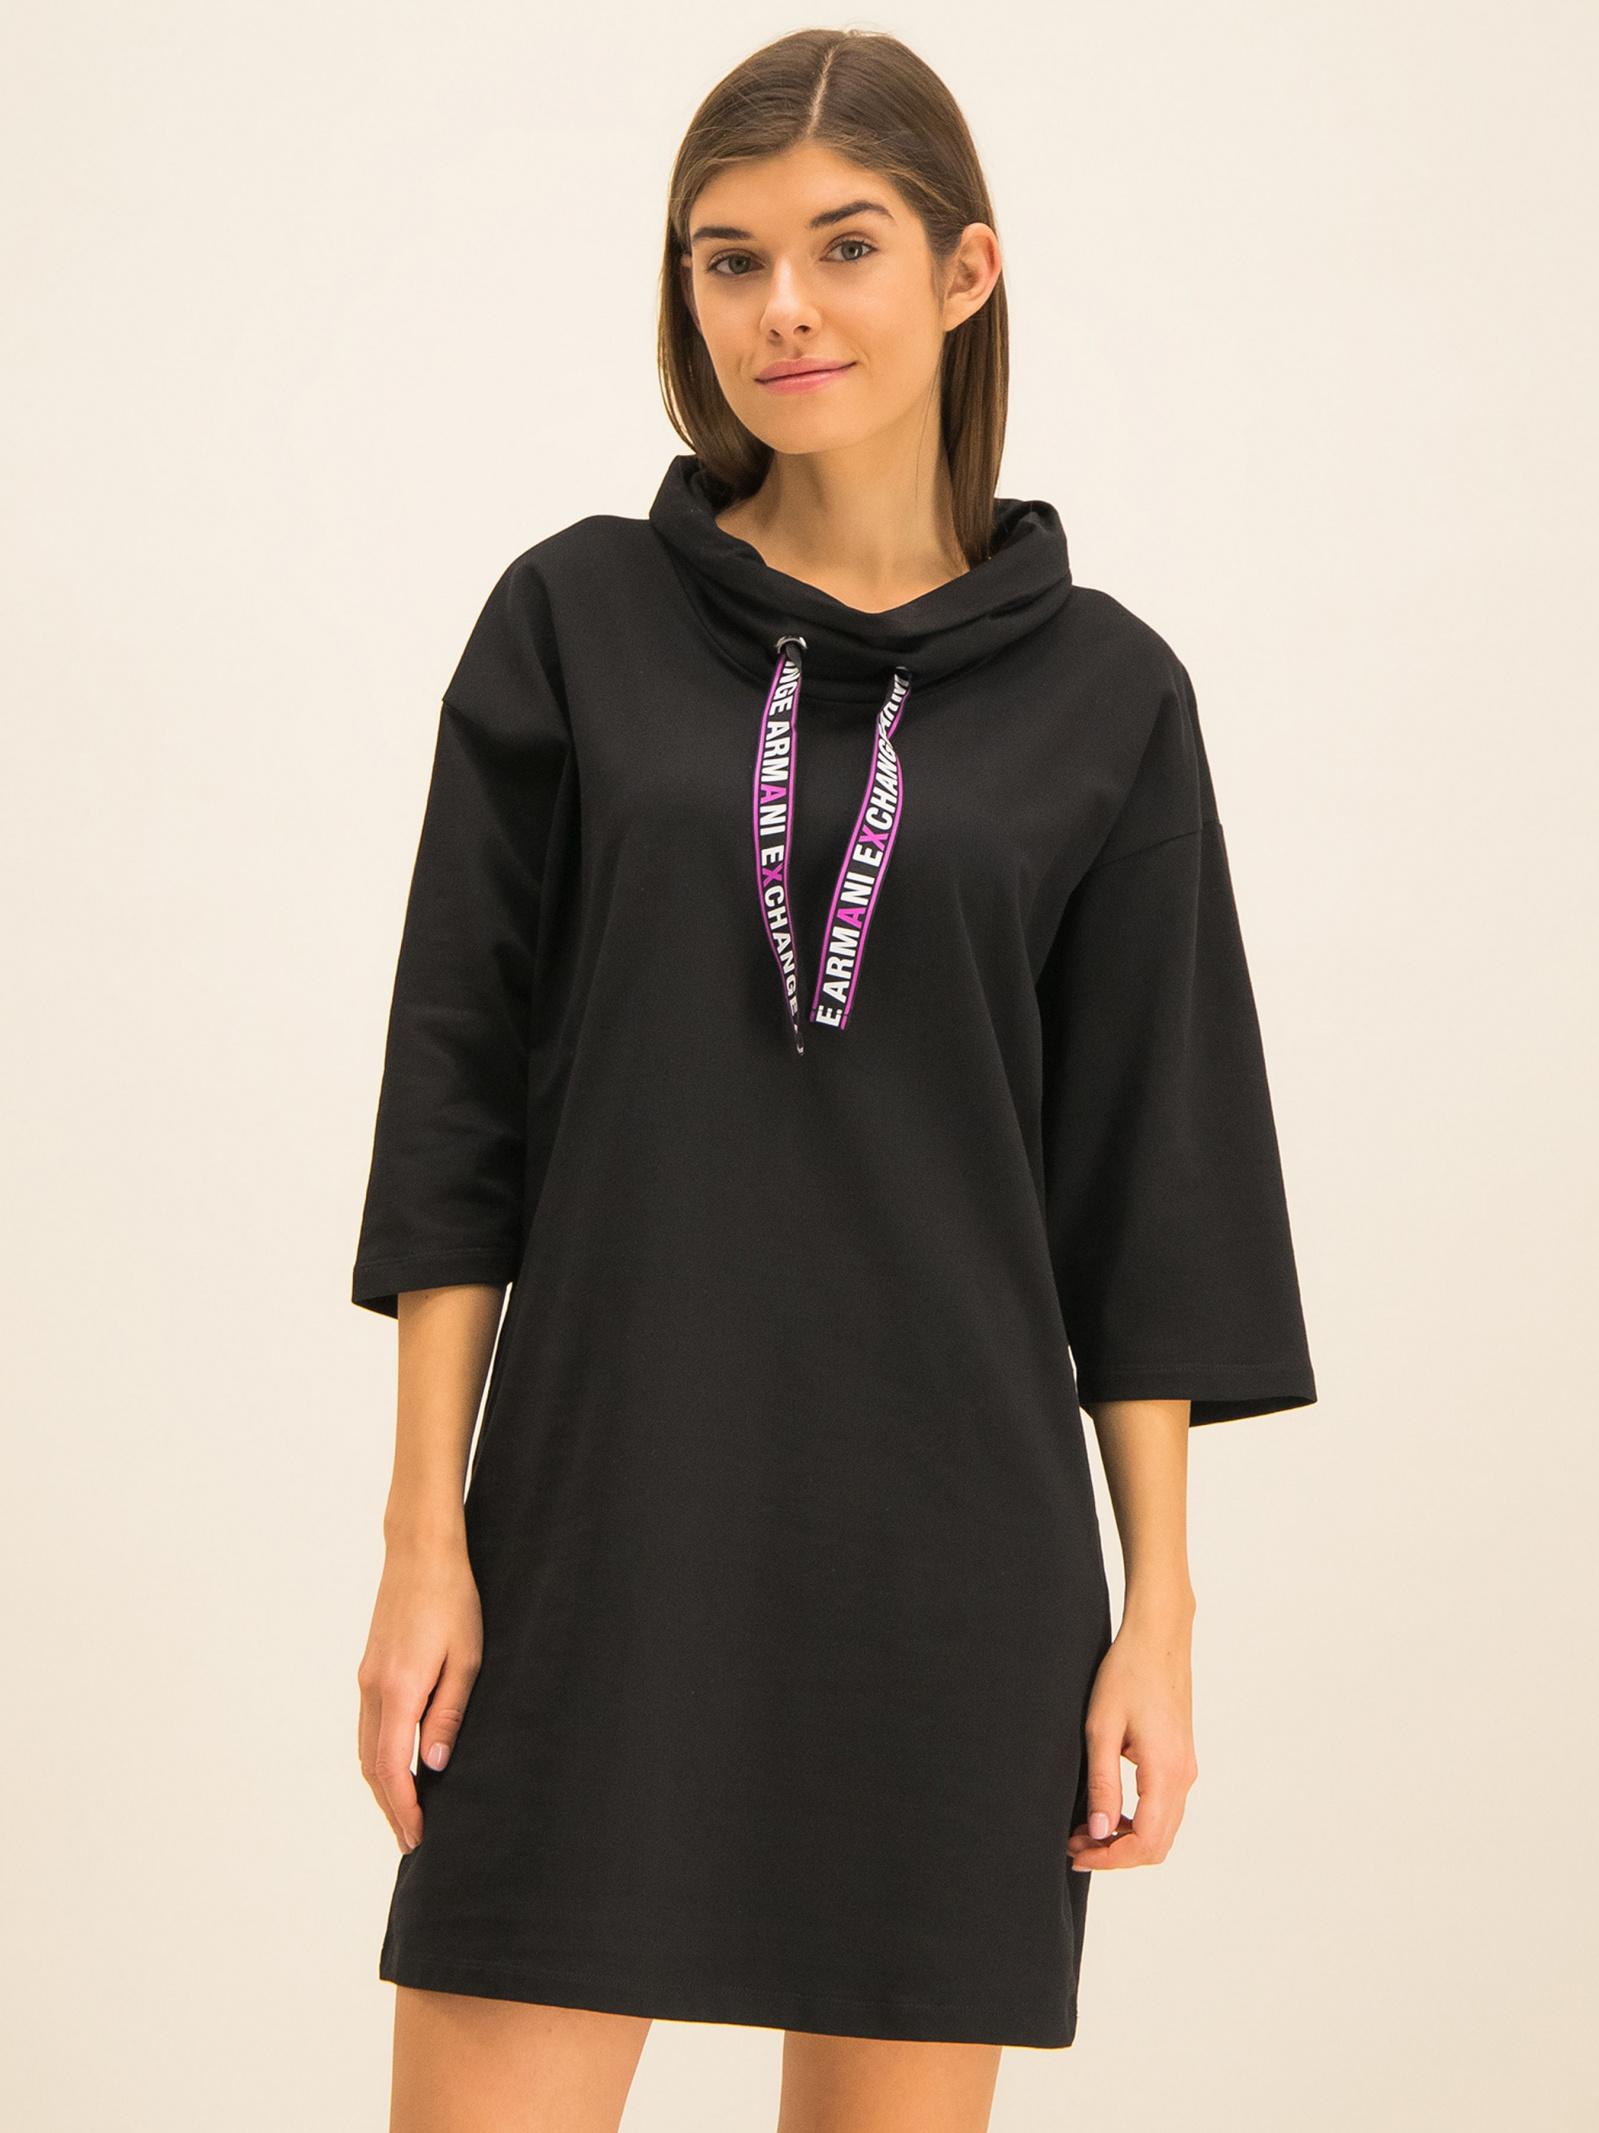 Сукня жіноча Armani Exchange модель 3HYA87-YJ76Z-1200 - фото